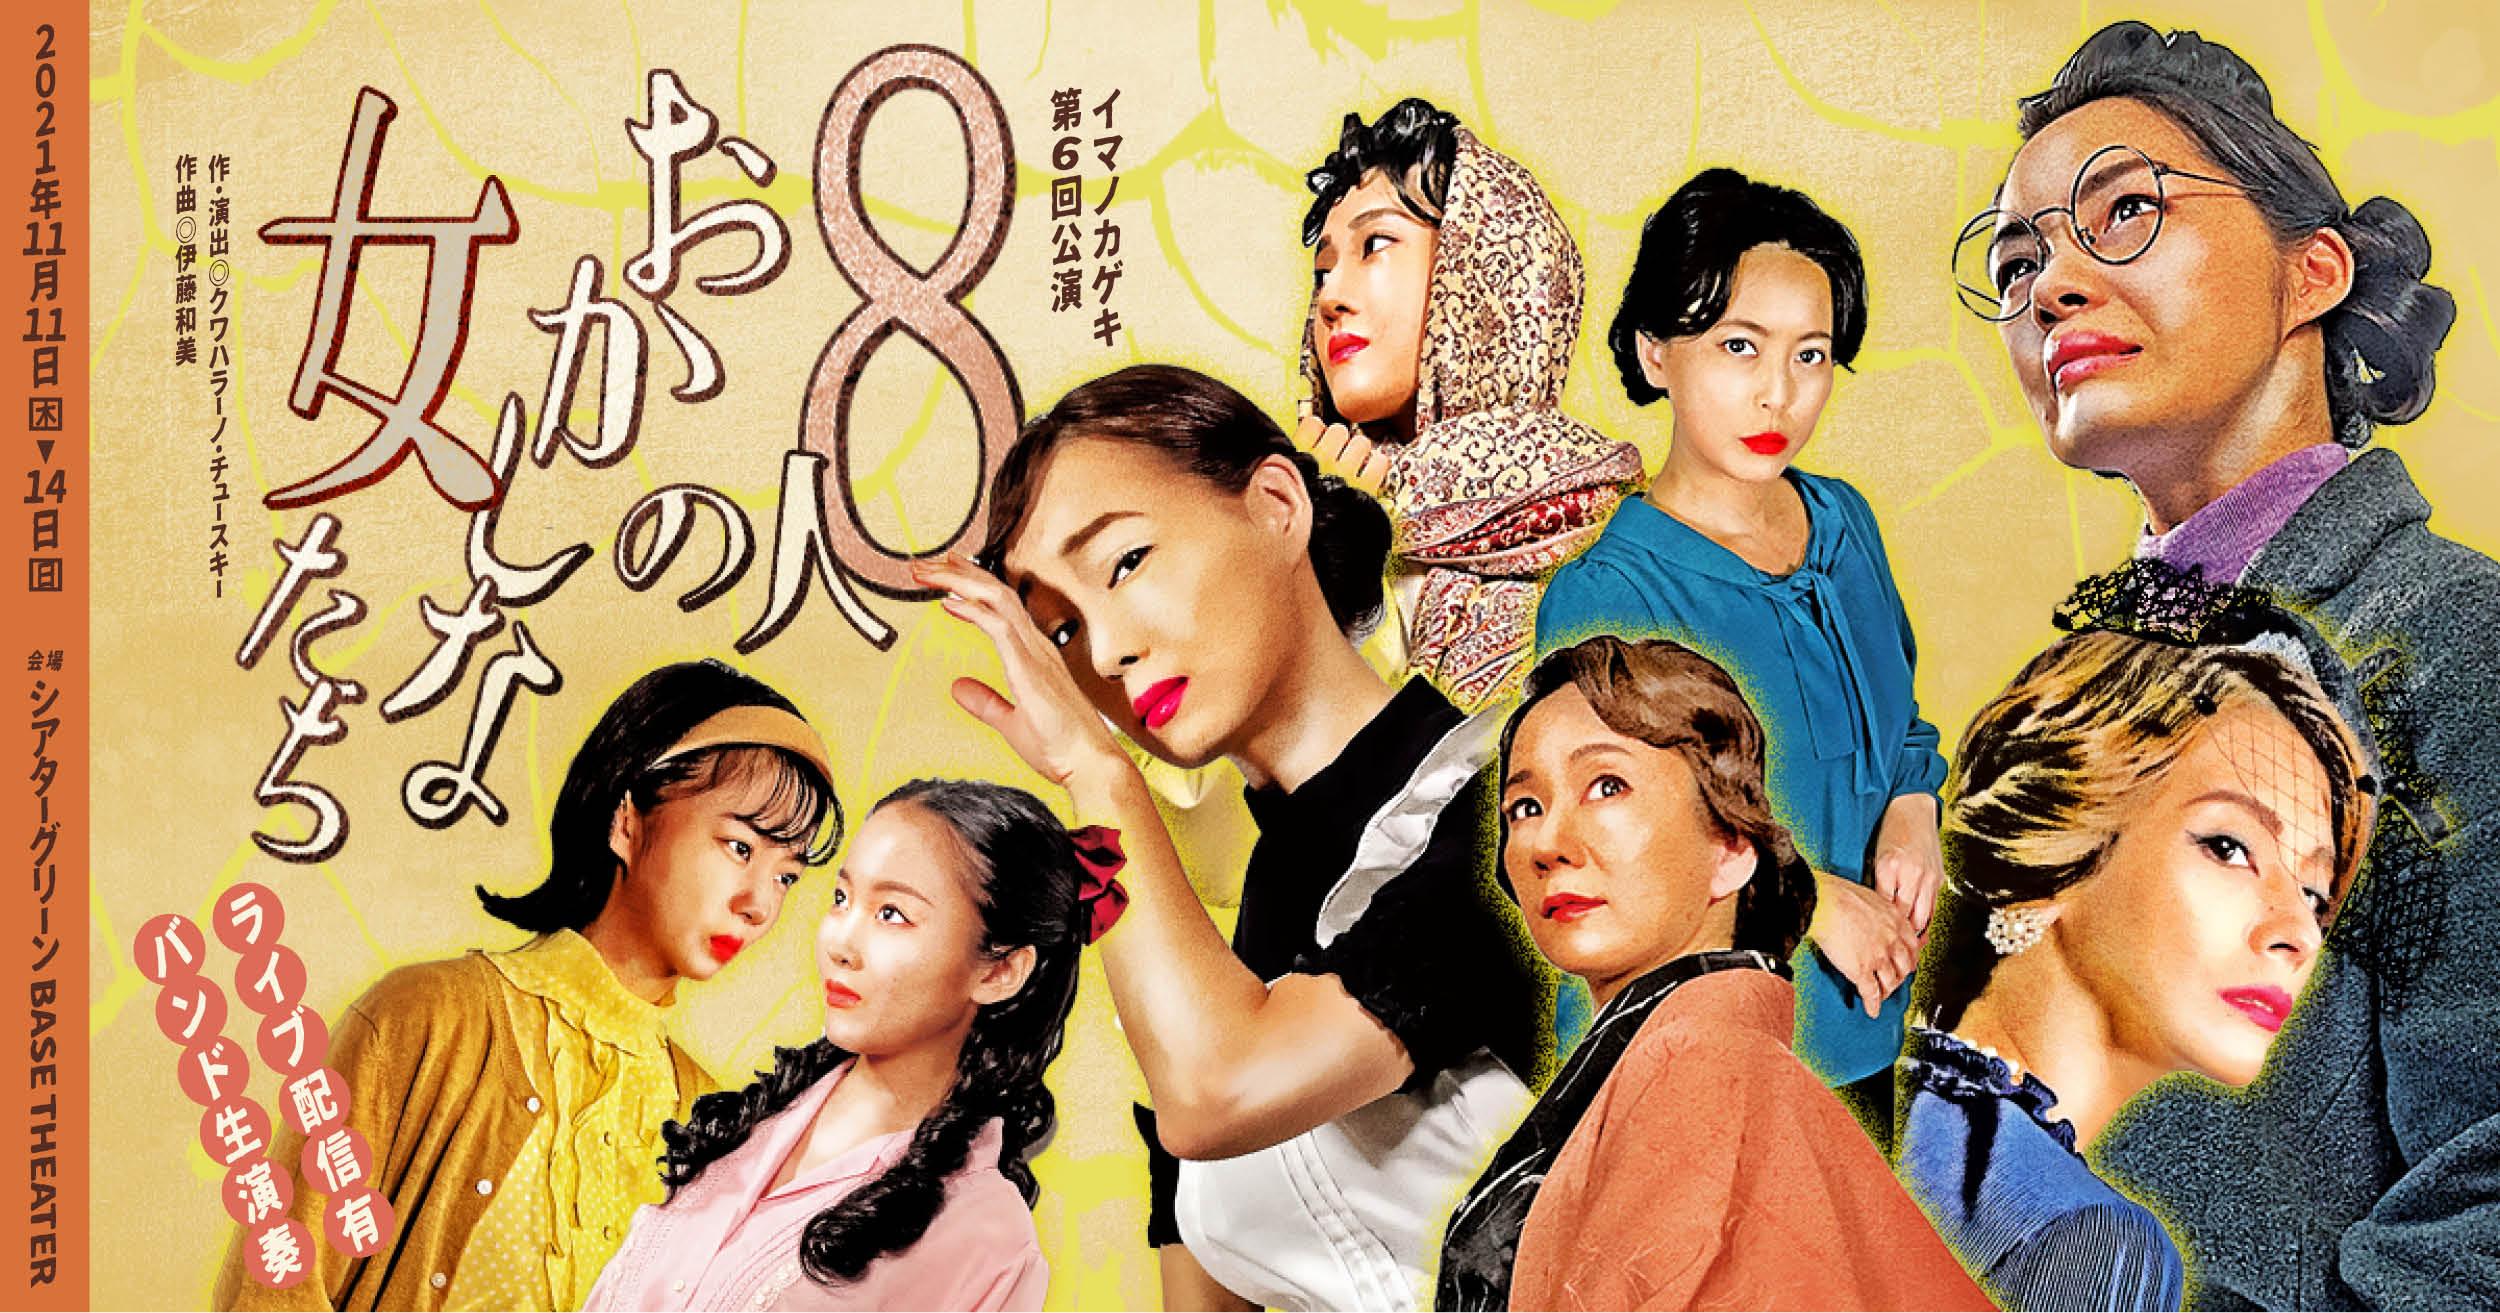 イマノカゲキ第6回公演「8人のおかしな女たち」11月14日(日曜日)14時配信